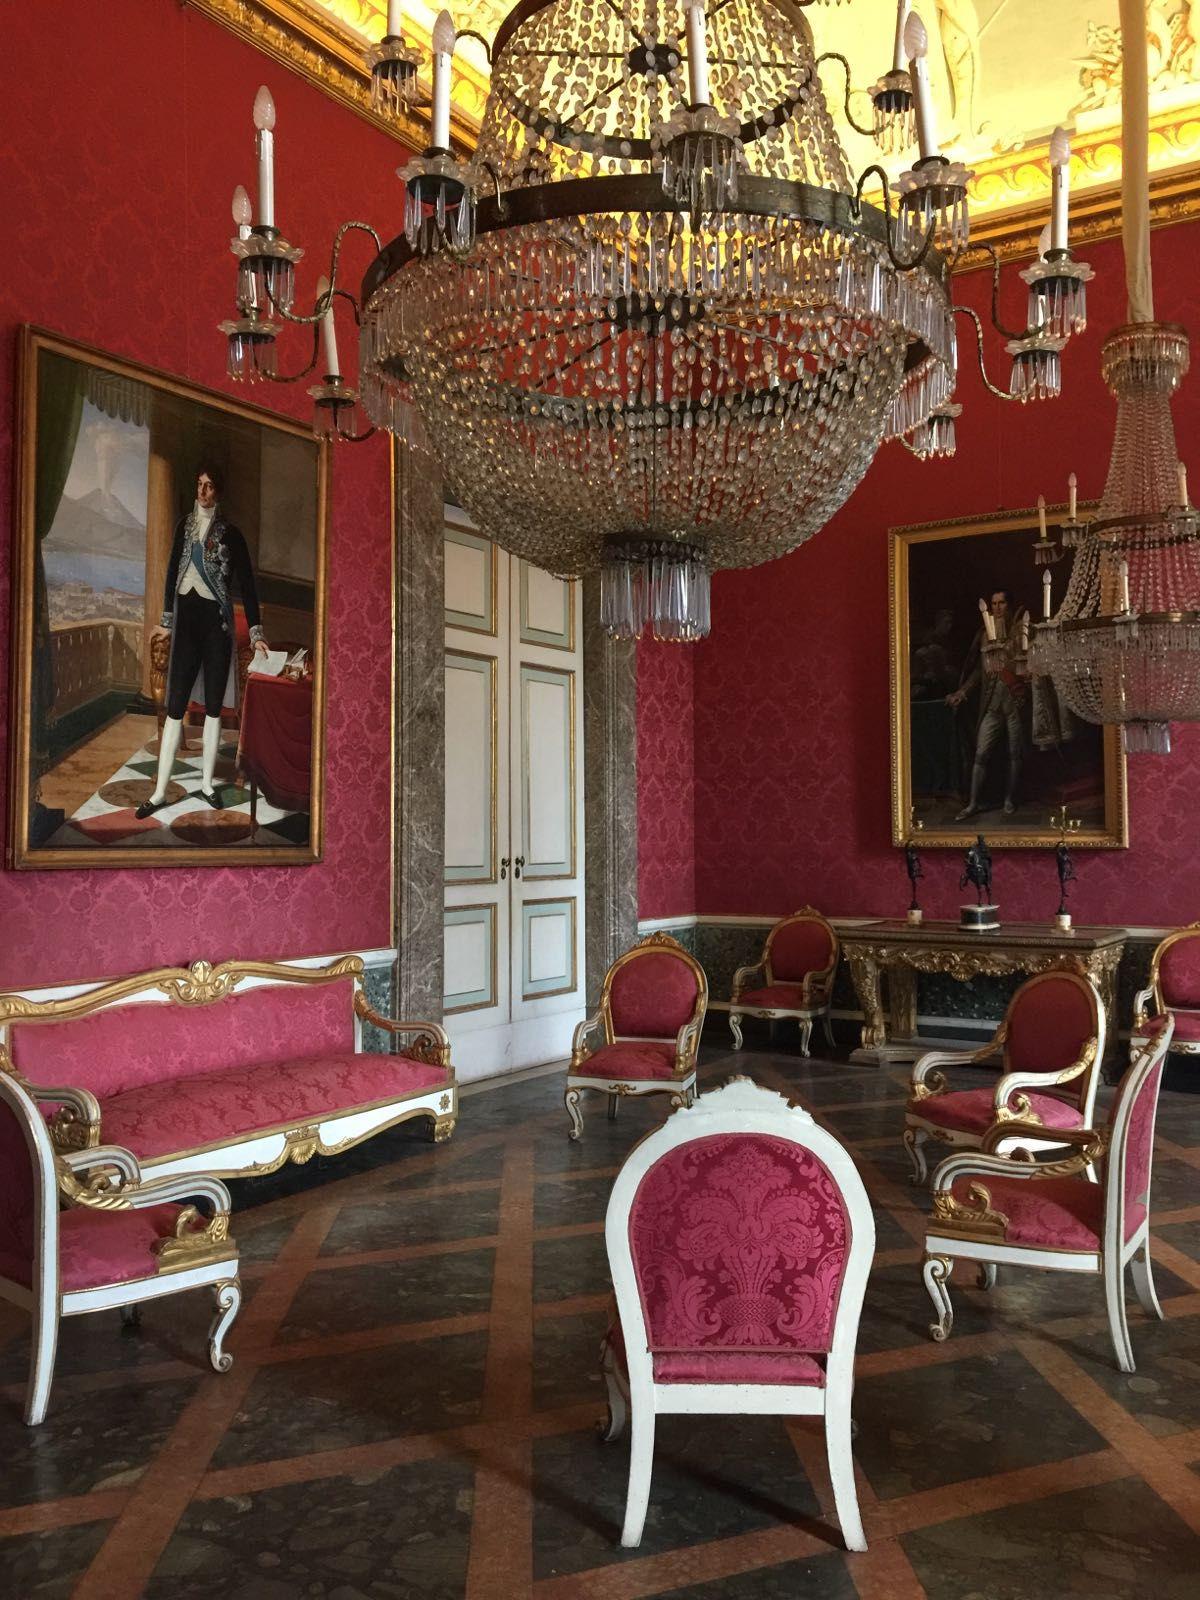 Royal Palace Of Caserta Interior Near Naples Italy